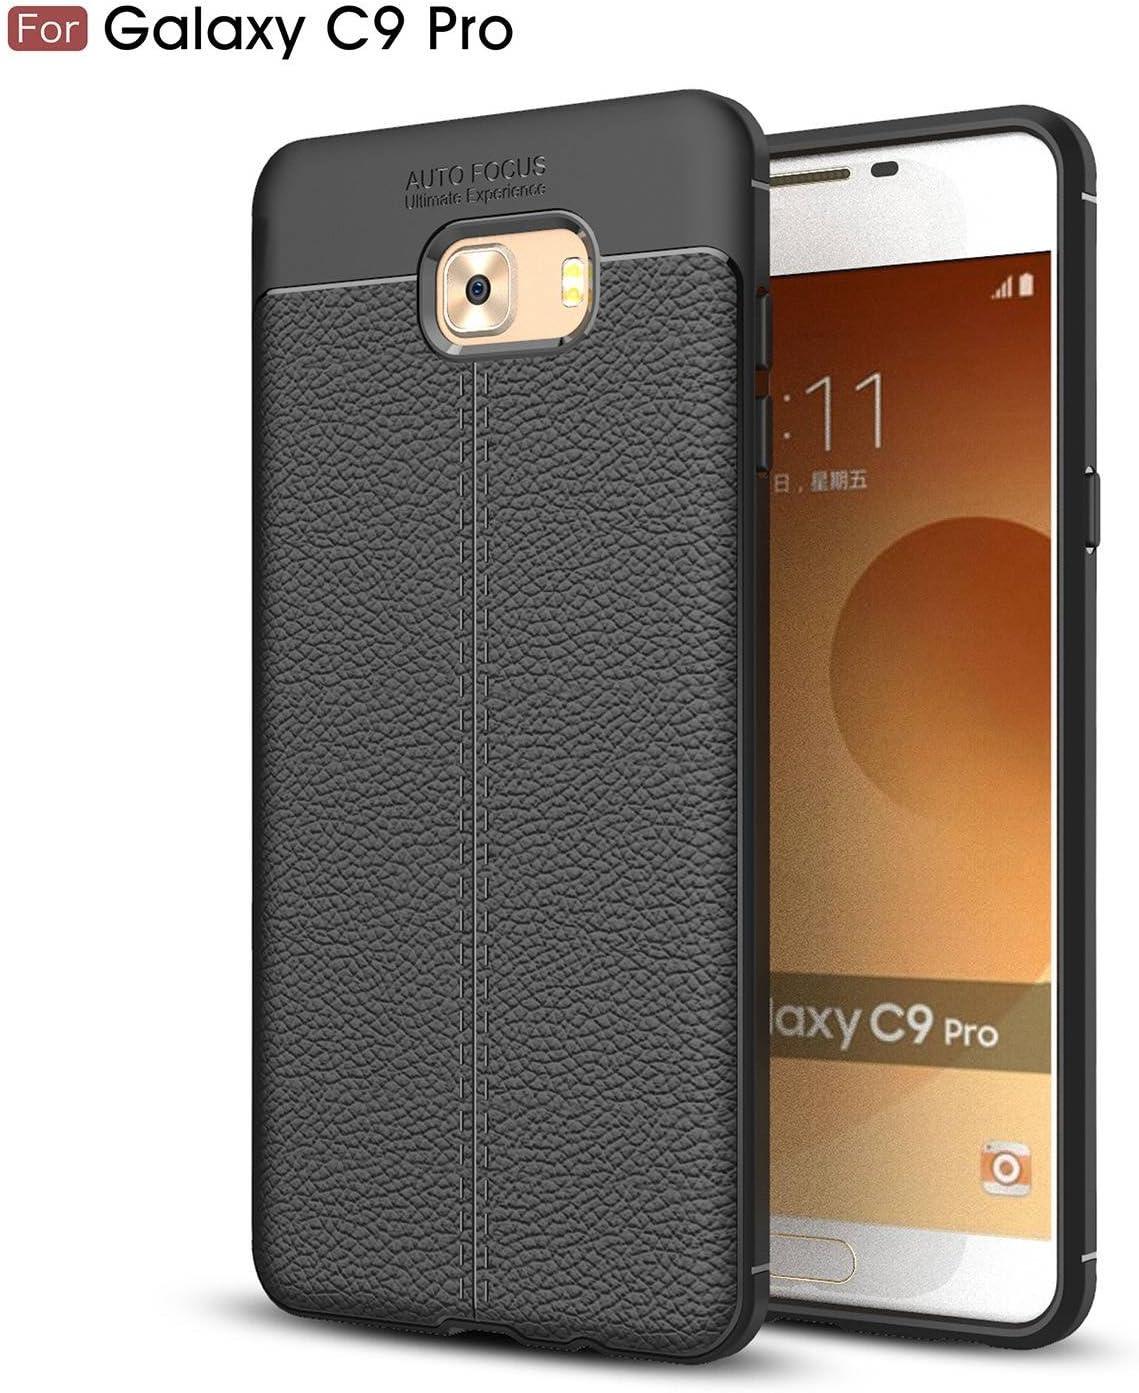 pinlu® Funda para Samsung Galaxy C9 Pro TPU Suave y Flexible Gel Silicone Case Textura de Cuero Litchi Funda Ultra Slim Anti-Rasguño Shock-Absorción Diseño Negro: Amazon.es: Electrónica